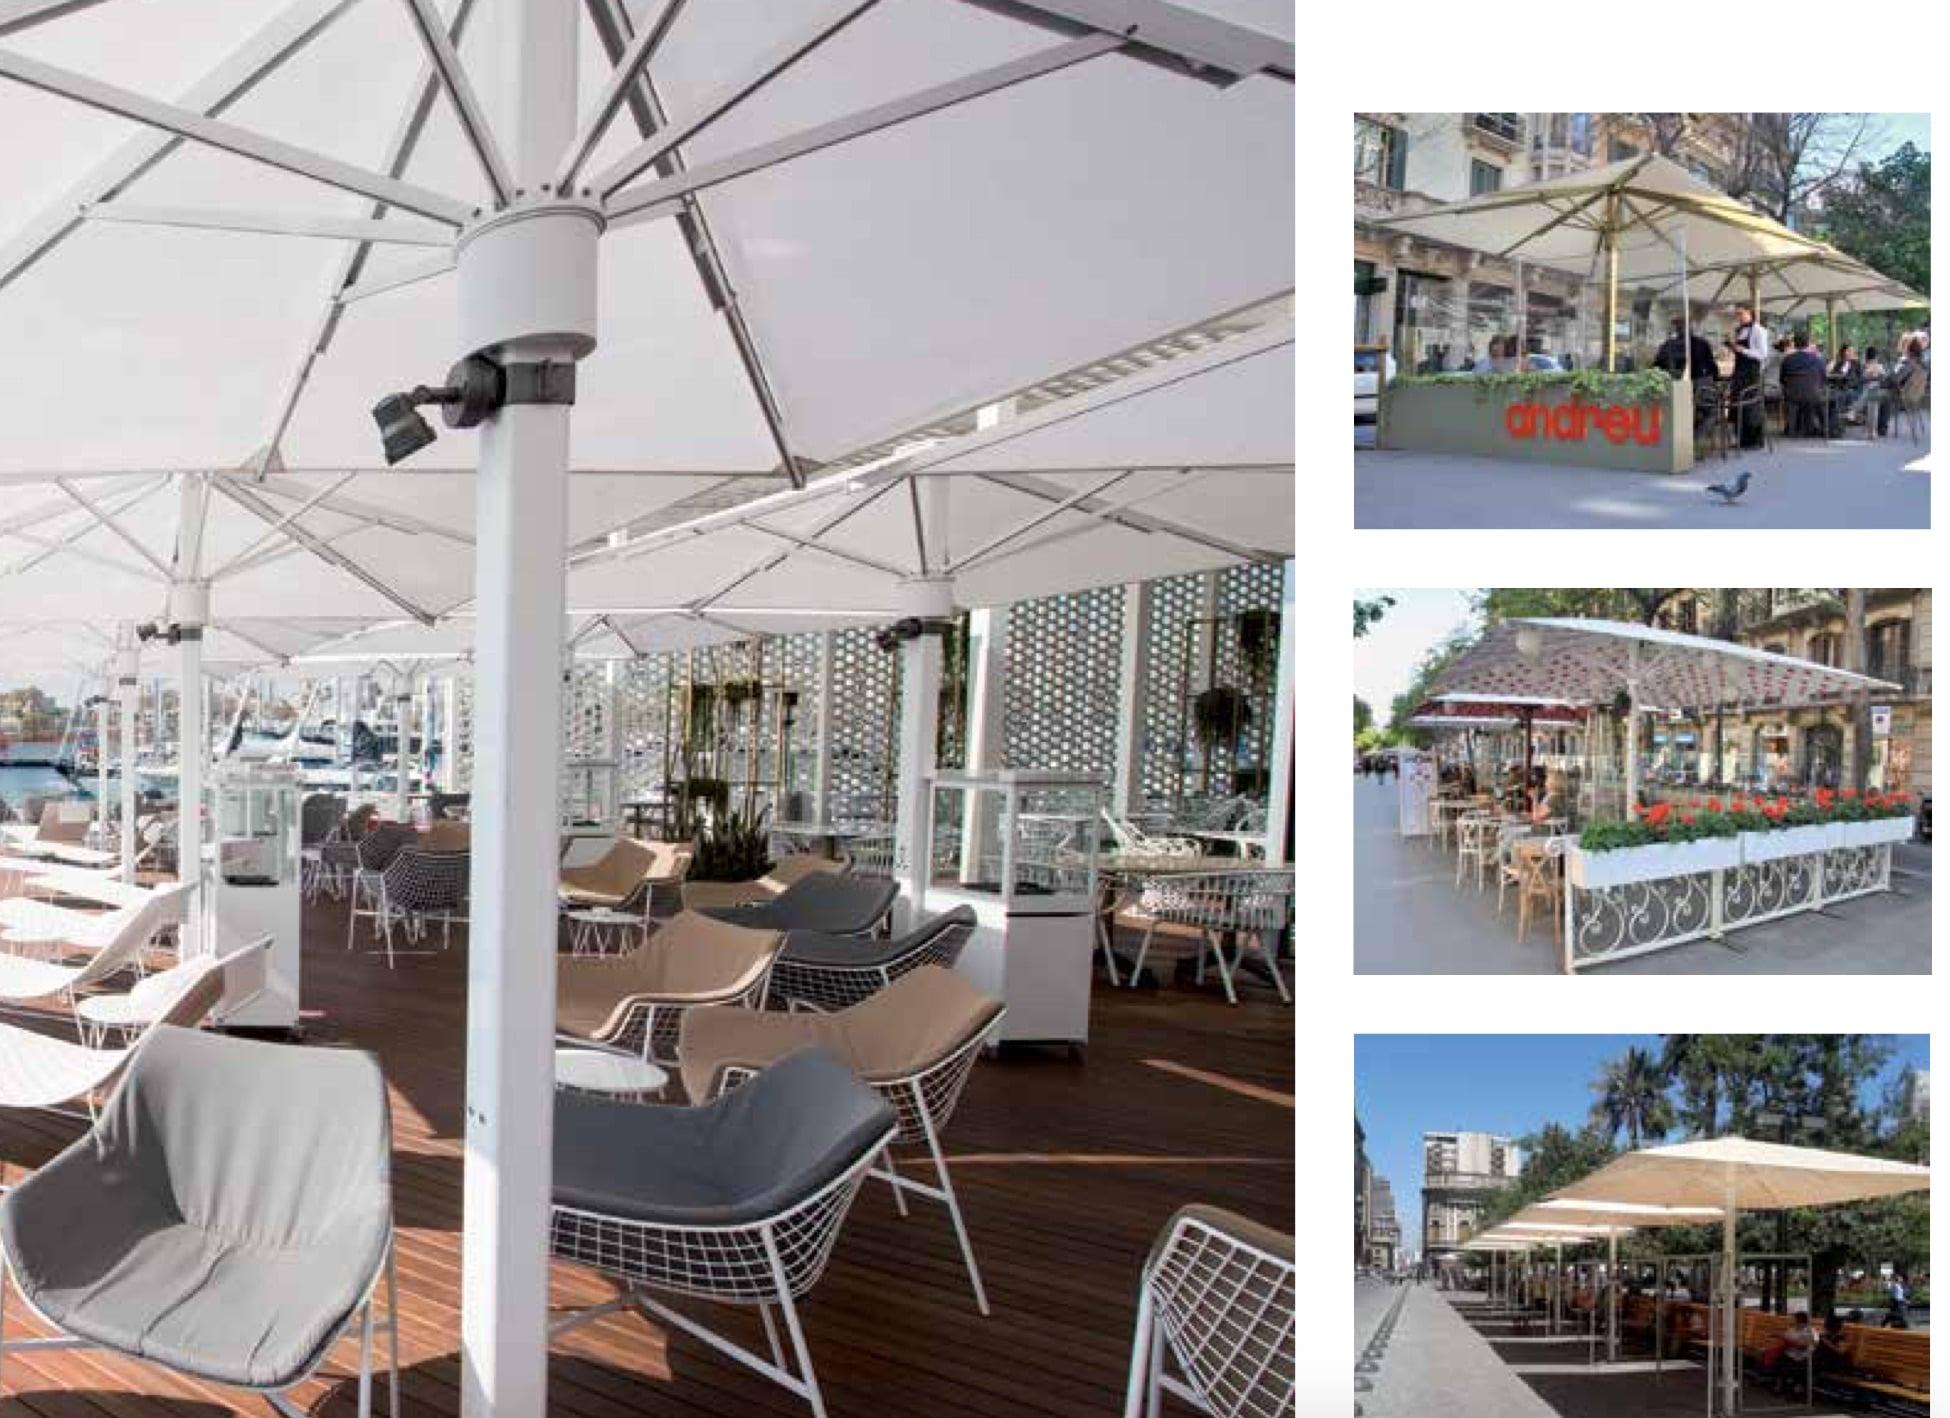 parasoles terraza rey del toldo 2